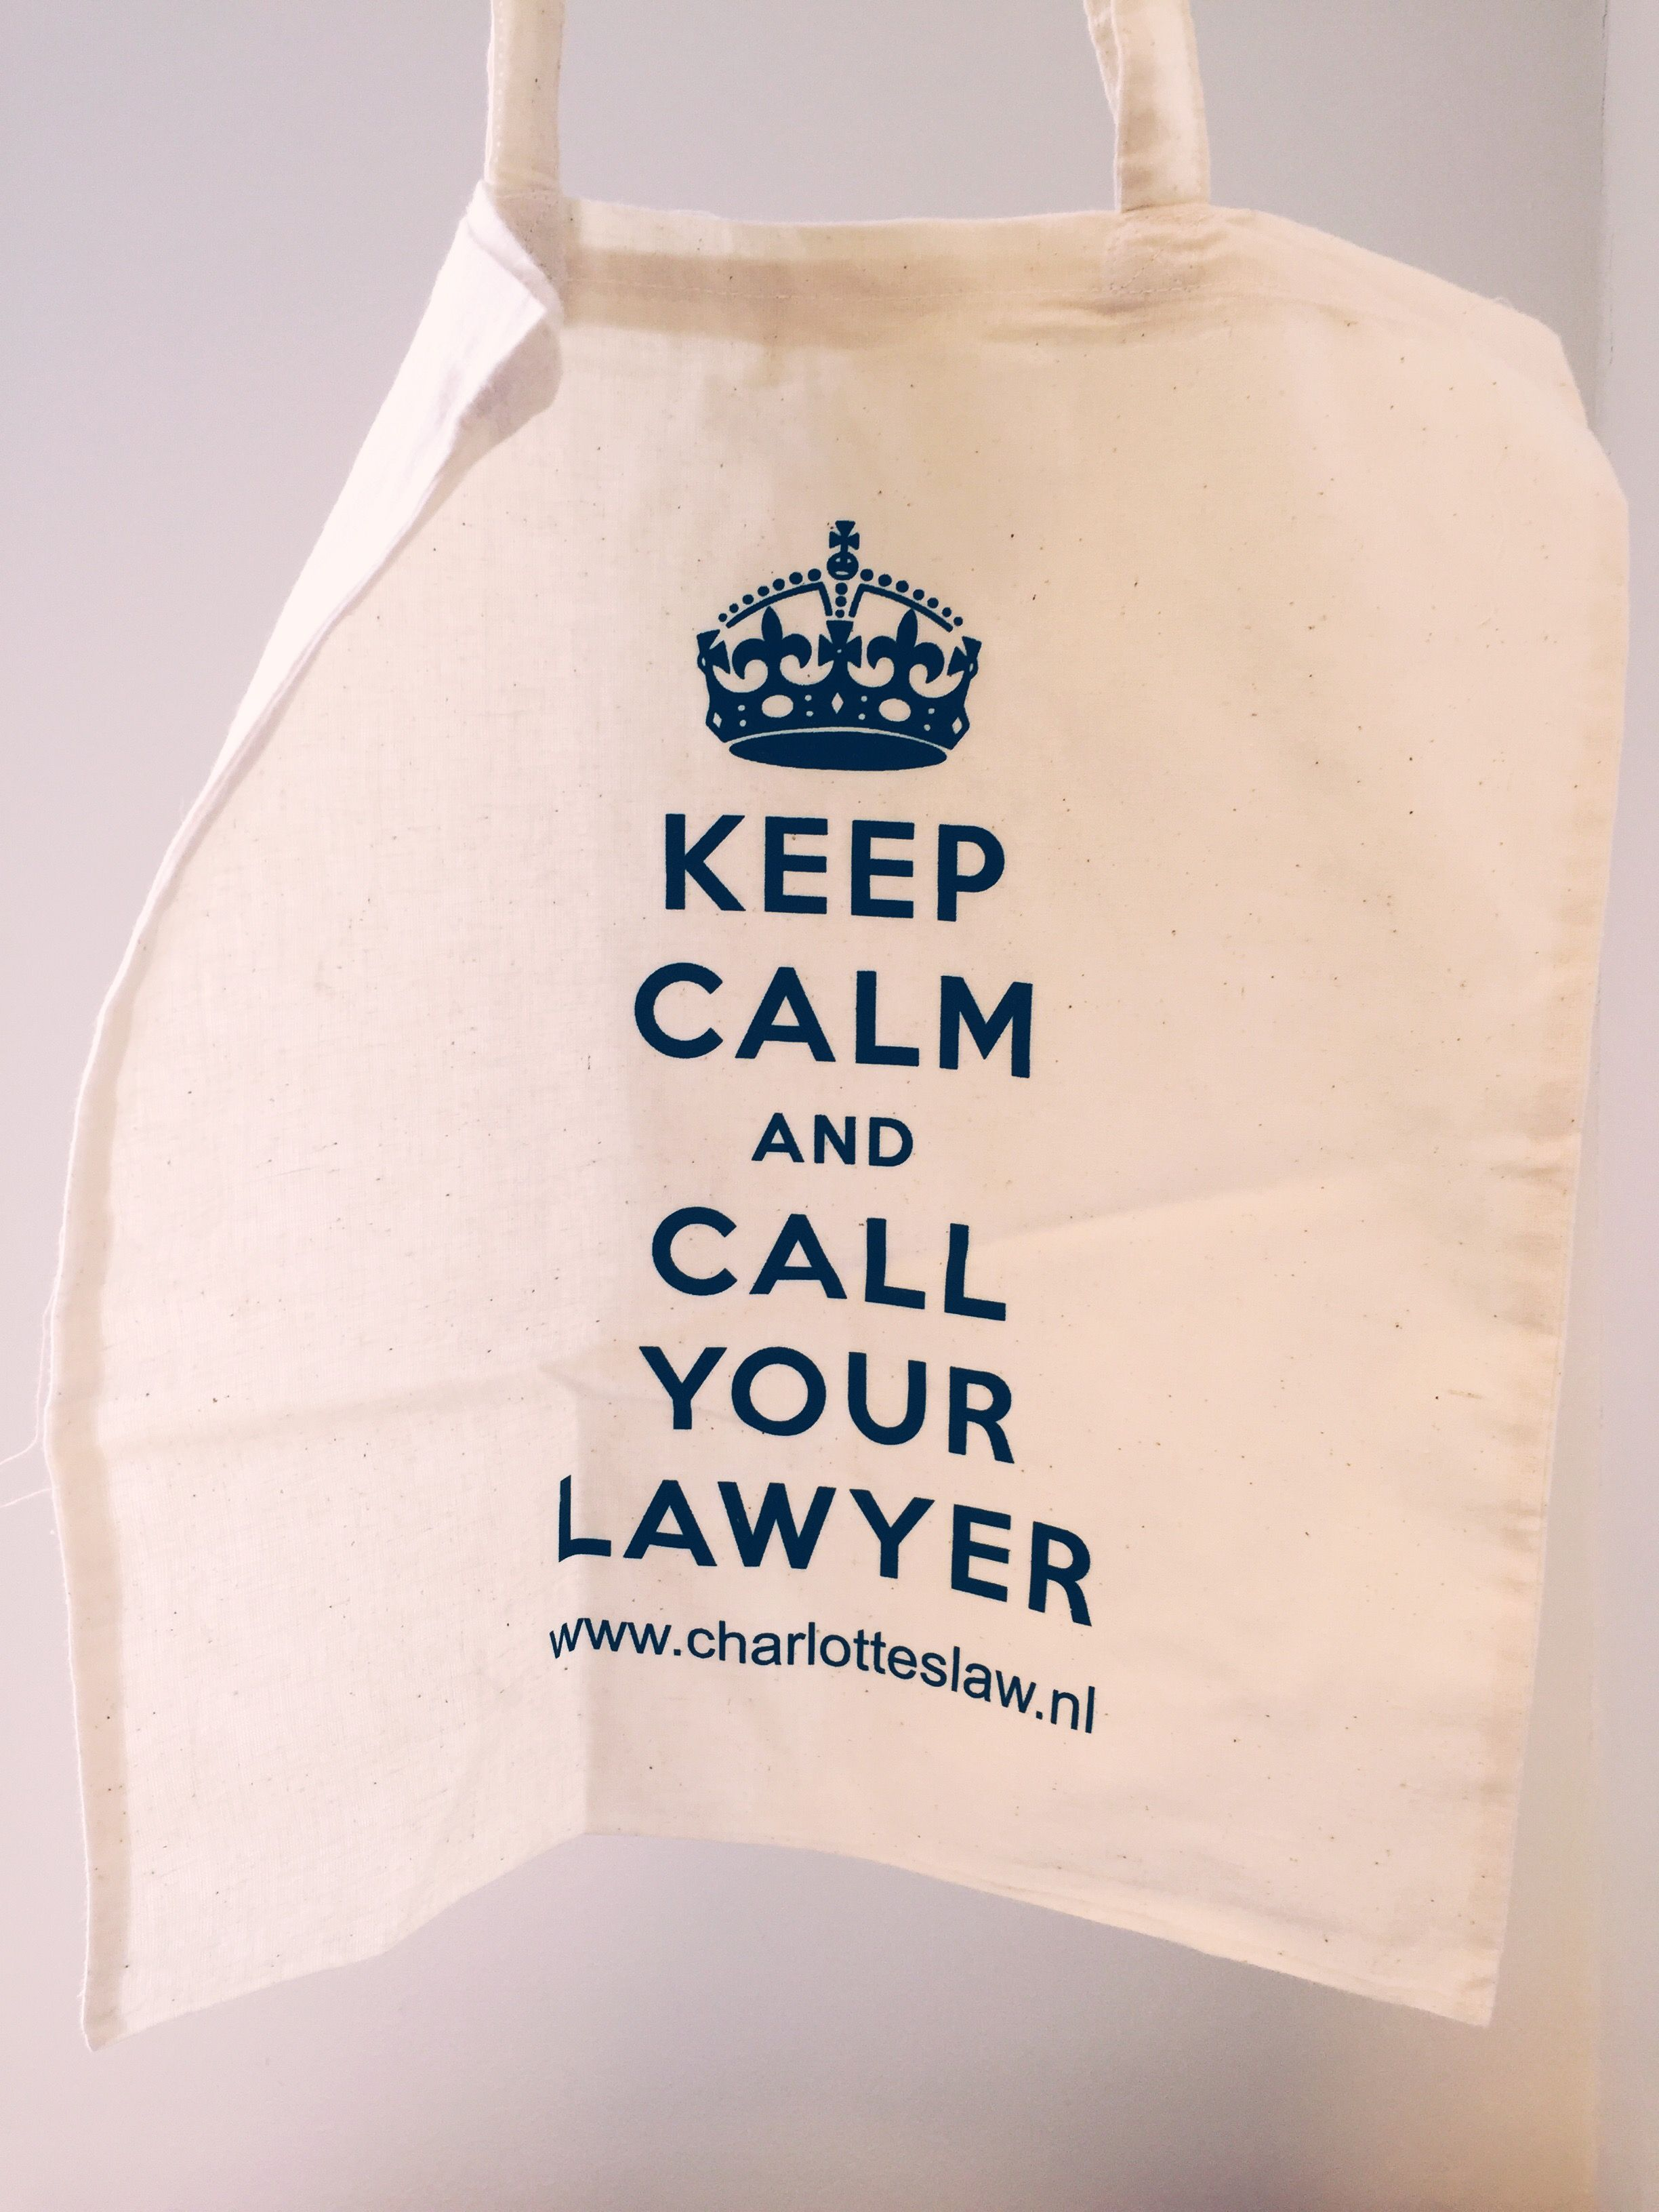 ef777a8519b handige katoenen tas, bijvoorbeeld voor boodschappen. Licht van gewicht,  klein op te vouwen, met leuke aansprekende tekst - Keep Calm and Call Your  Lawyer